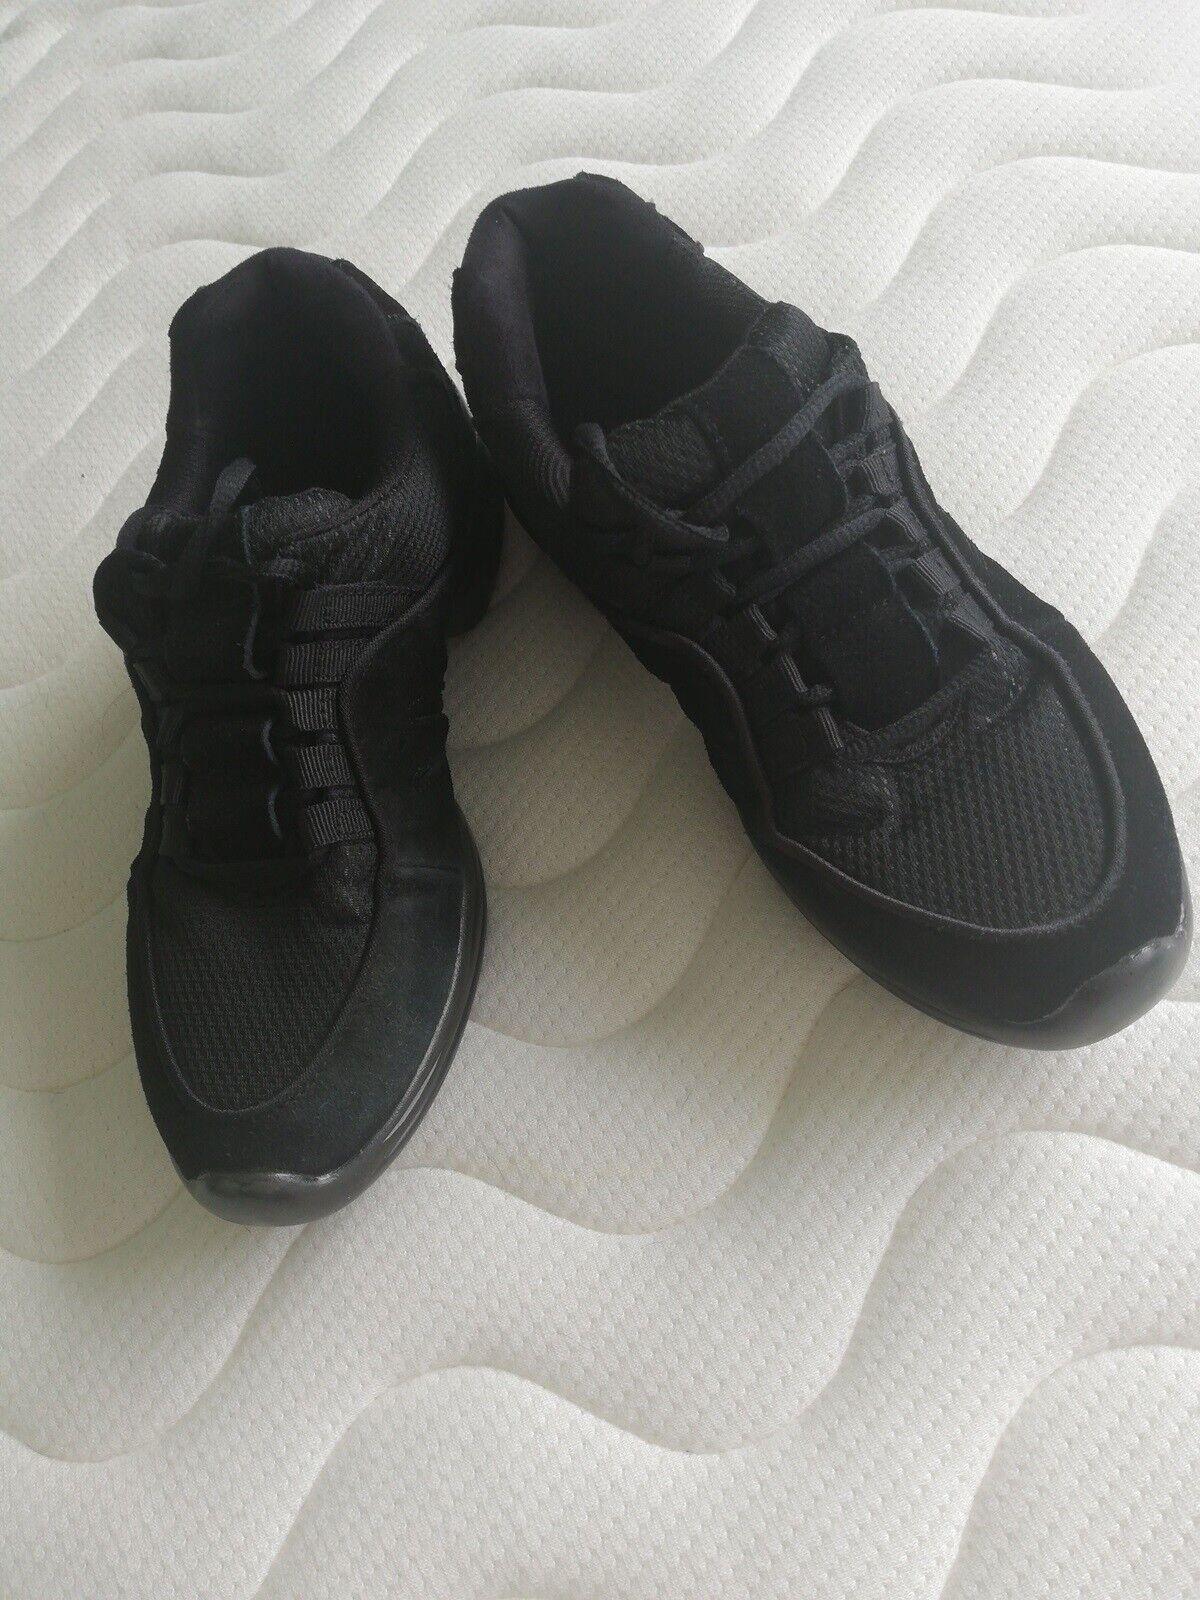 Dansesko, Dansesneakers, Rumpf